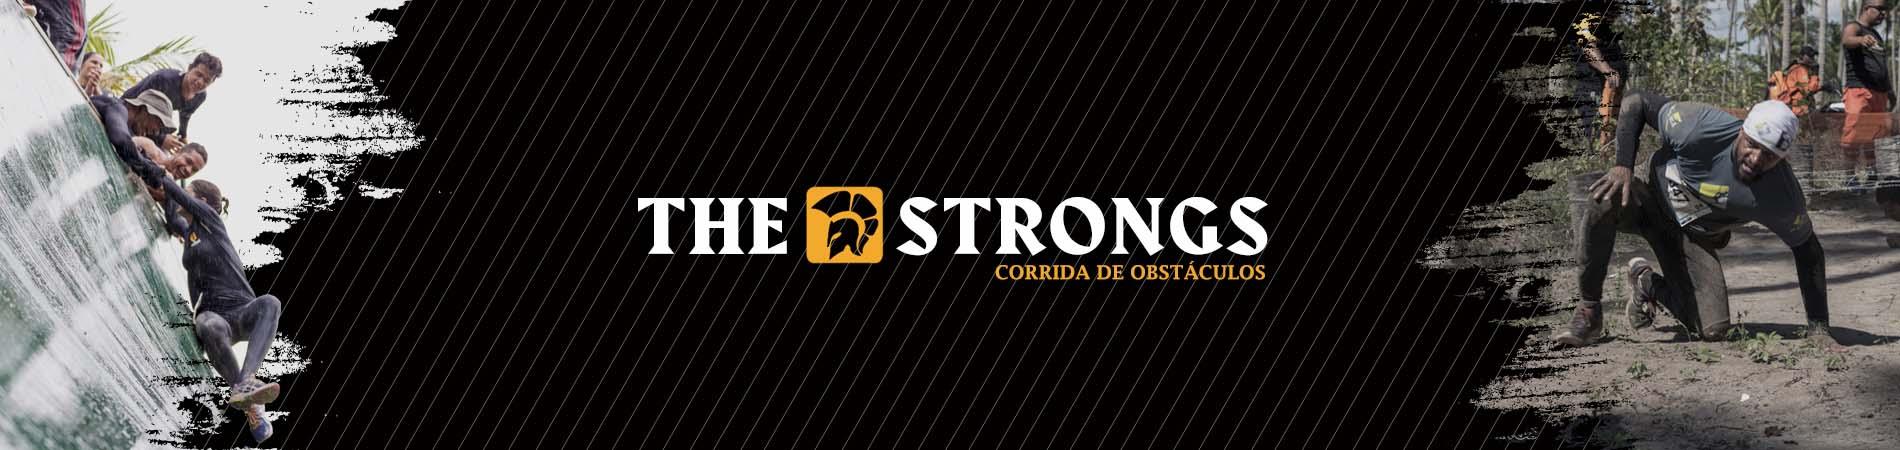 CORRIDA DE OBSTÁCULOS - 7ª EDIÇÃO THE STRONGS - 3ª ETAPA - 2017  - Imagem de topo